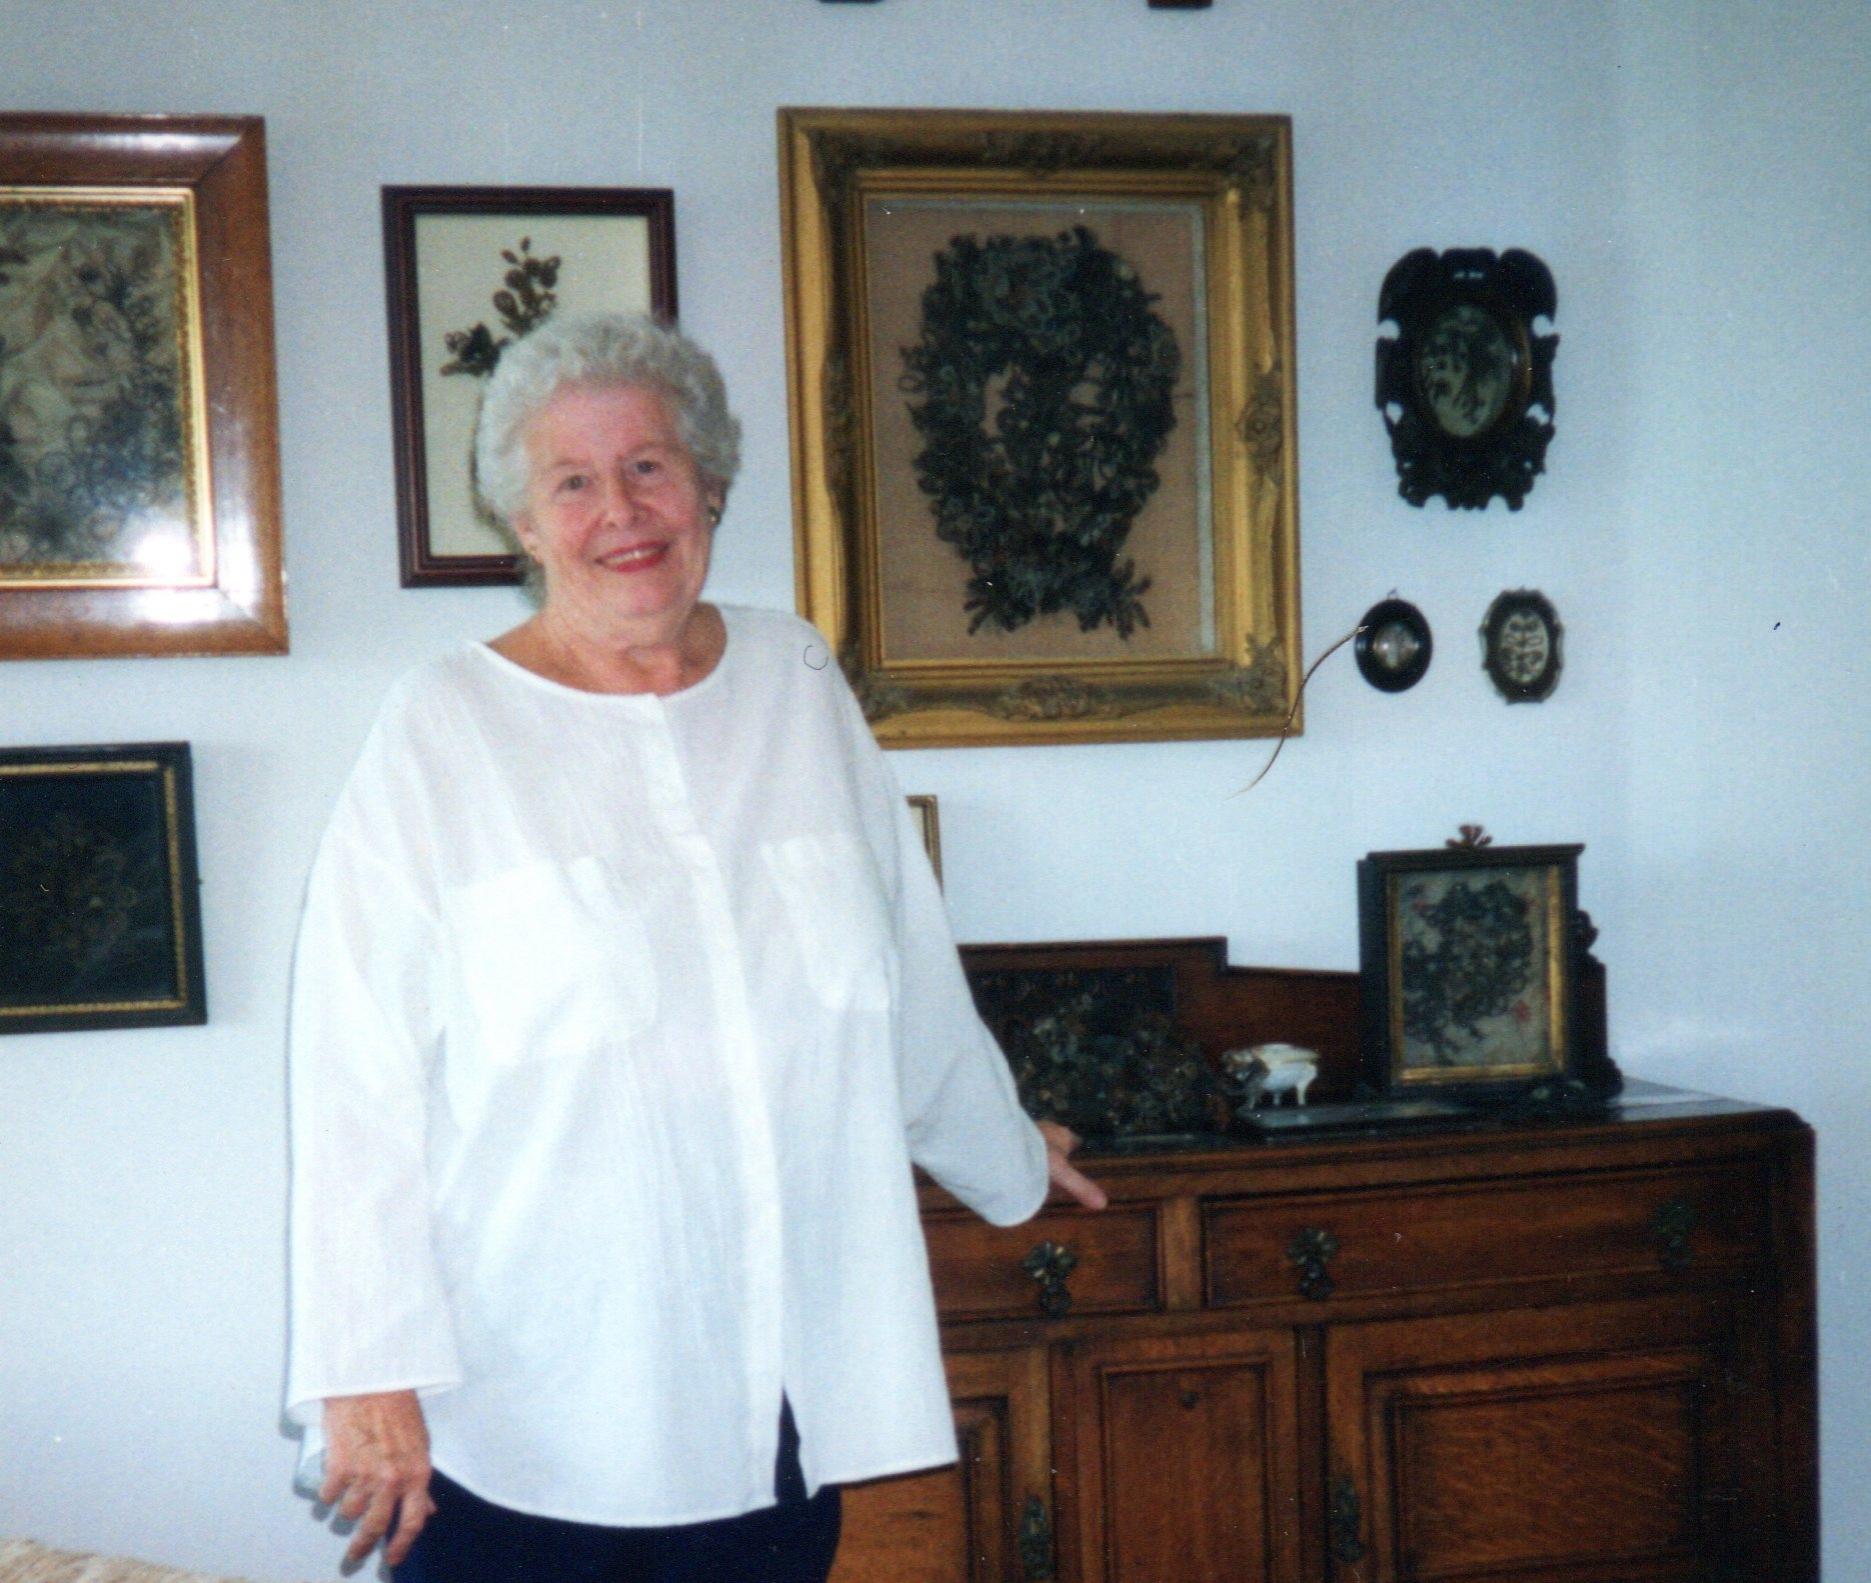 Carmelita Johnson